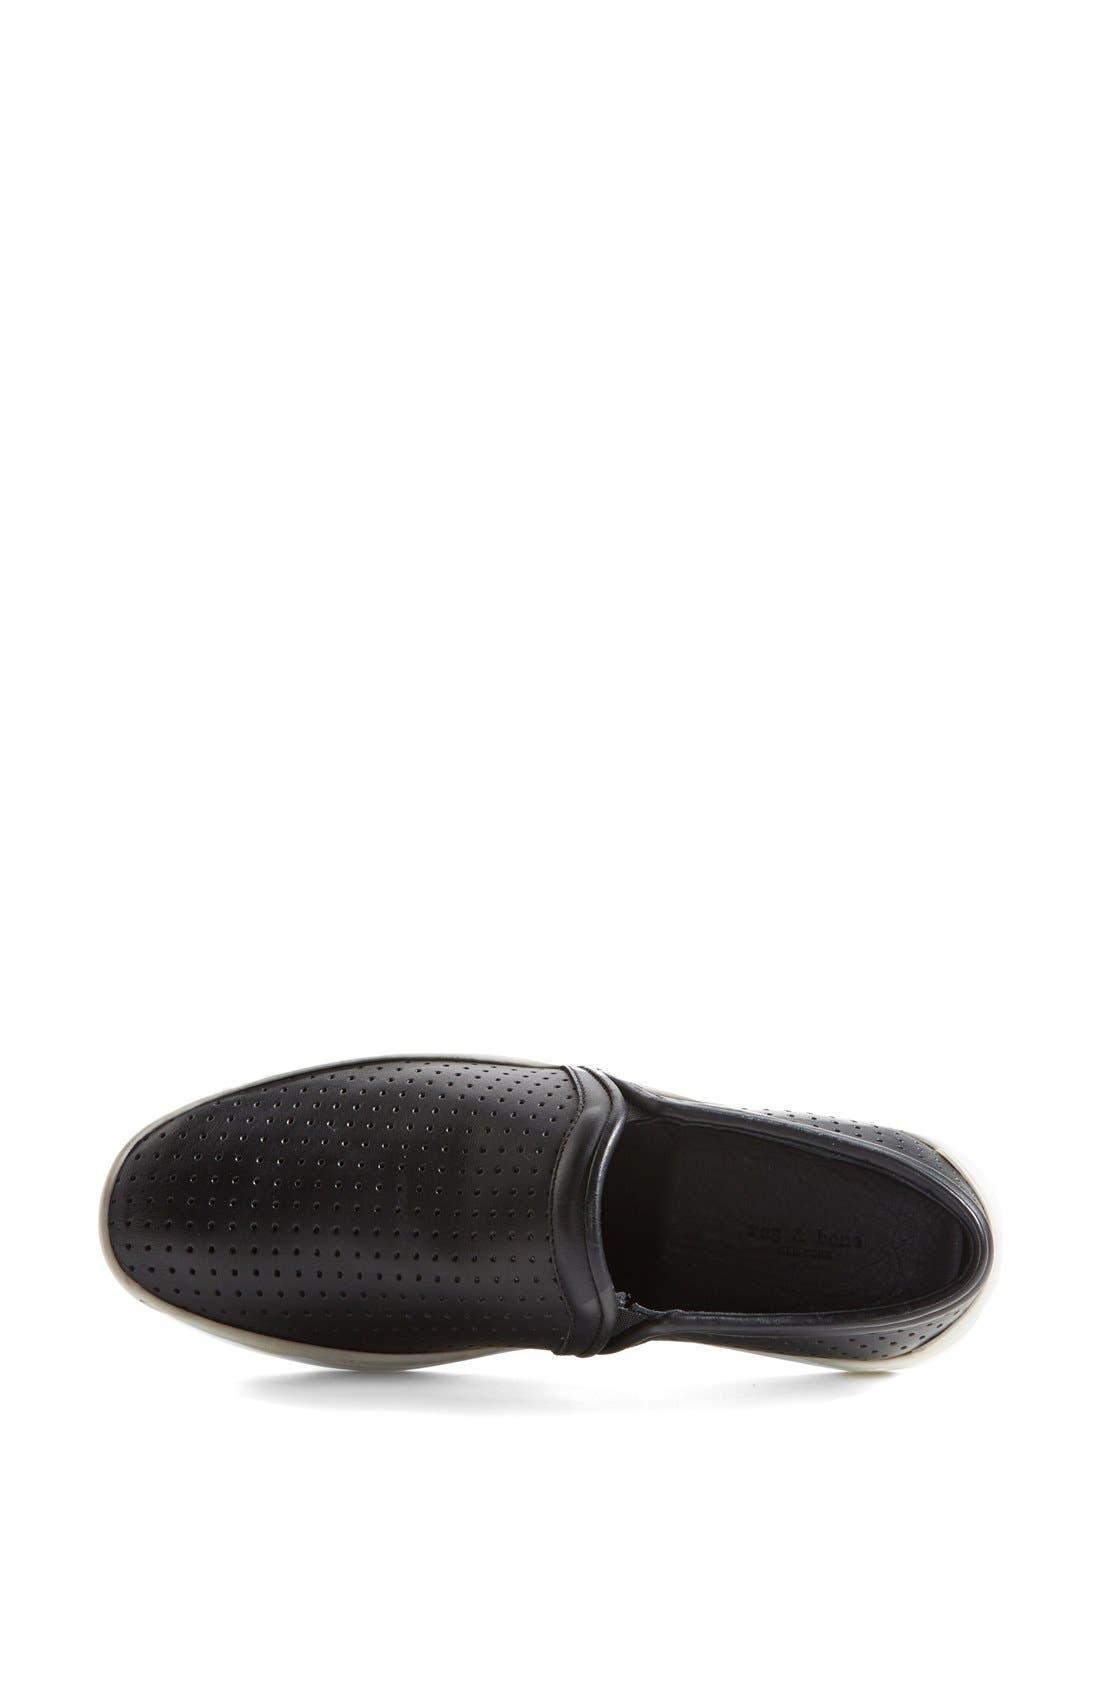 Alternate Image 3  - rag & bone 'Kent' Perforated Leather Slip-On